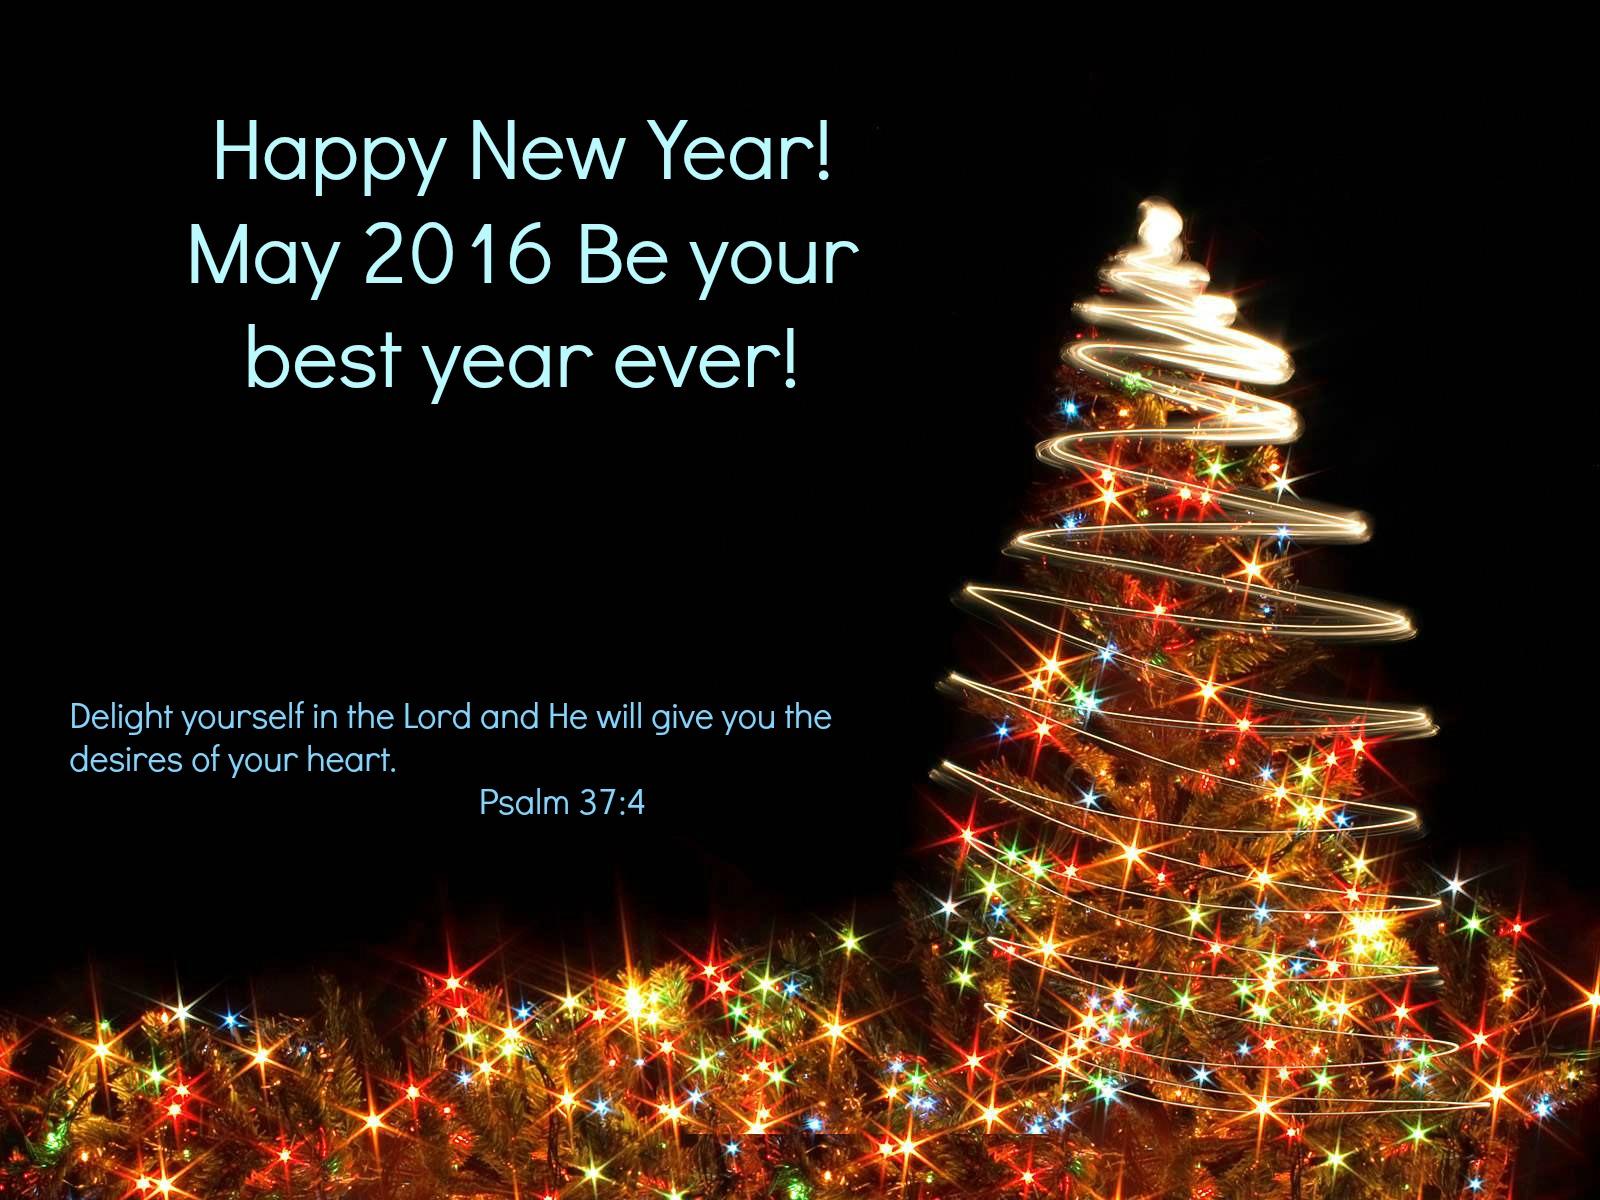 2016 Happy New Yeat